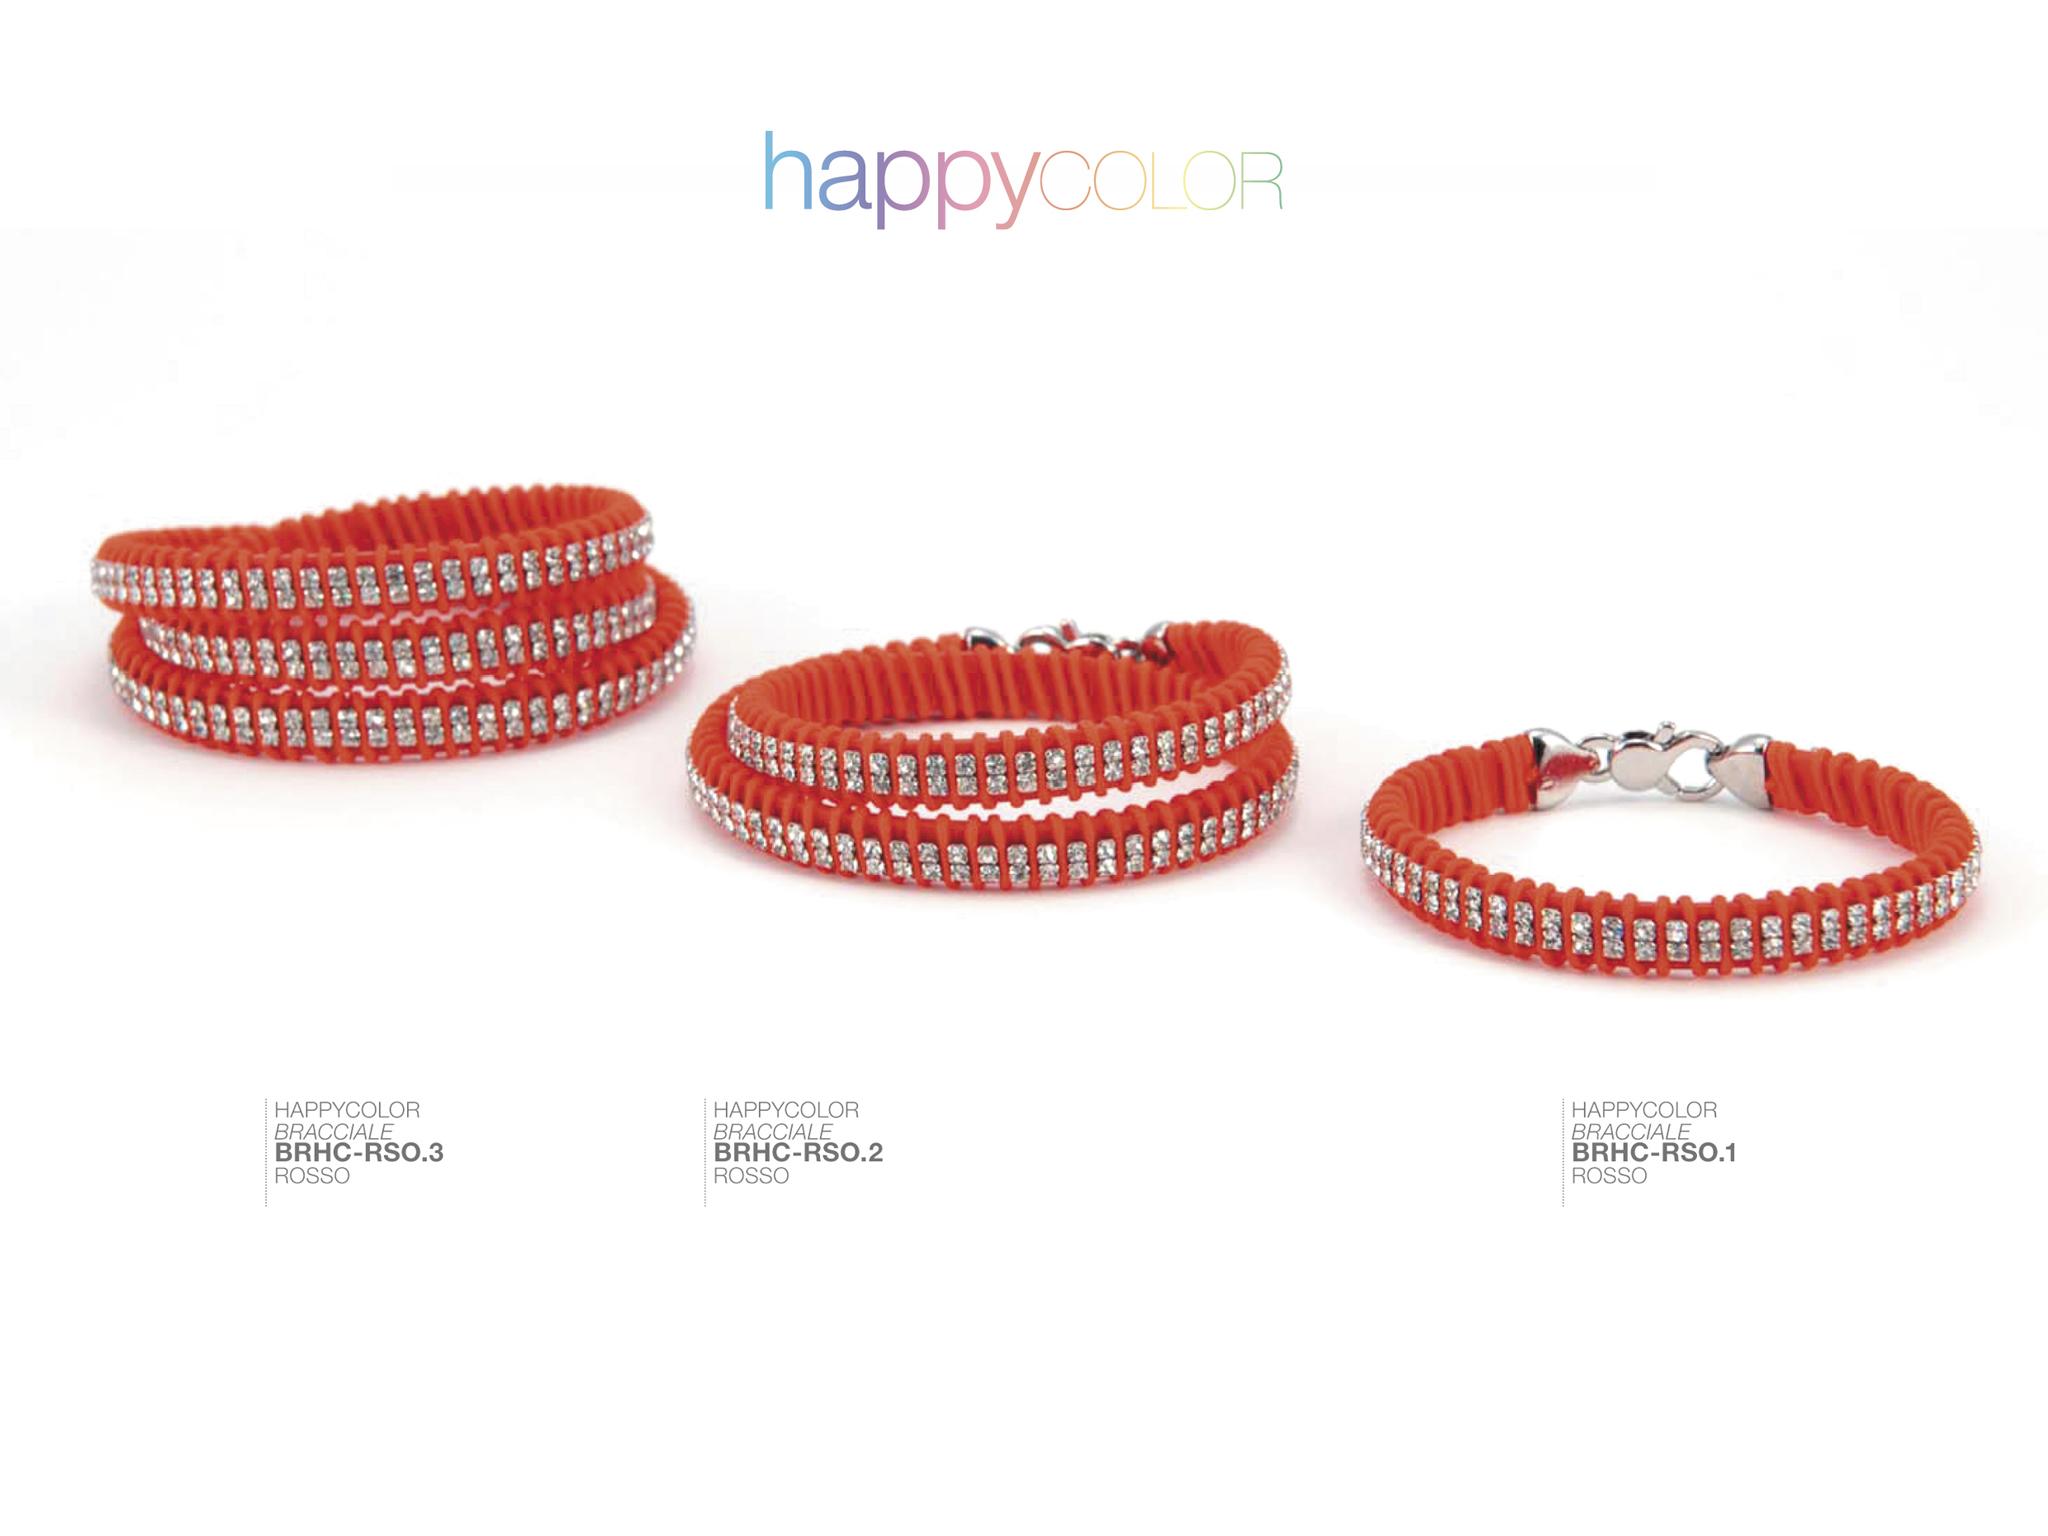 happycolors_silicone_pagina_5_app